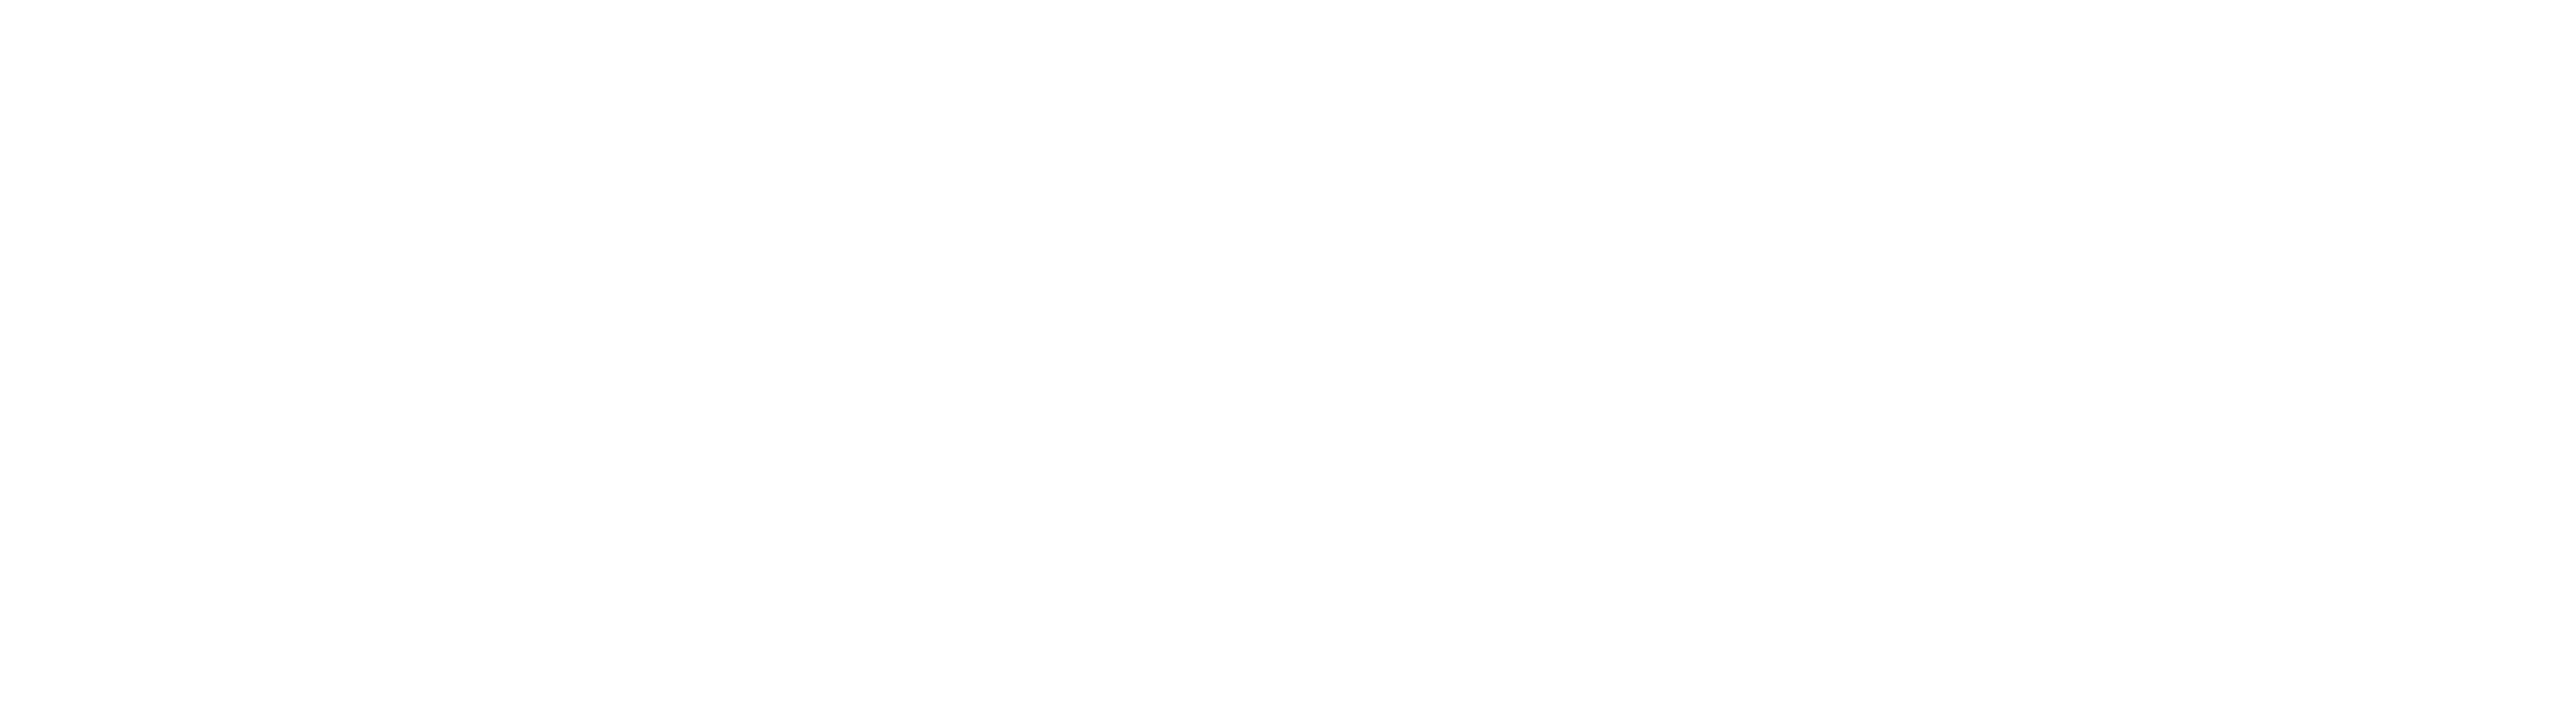 Huskey Chiropractic | Tulsa, OK